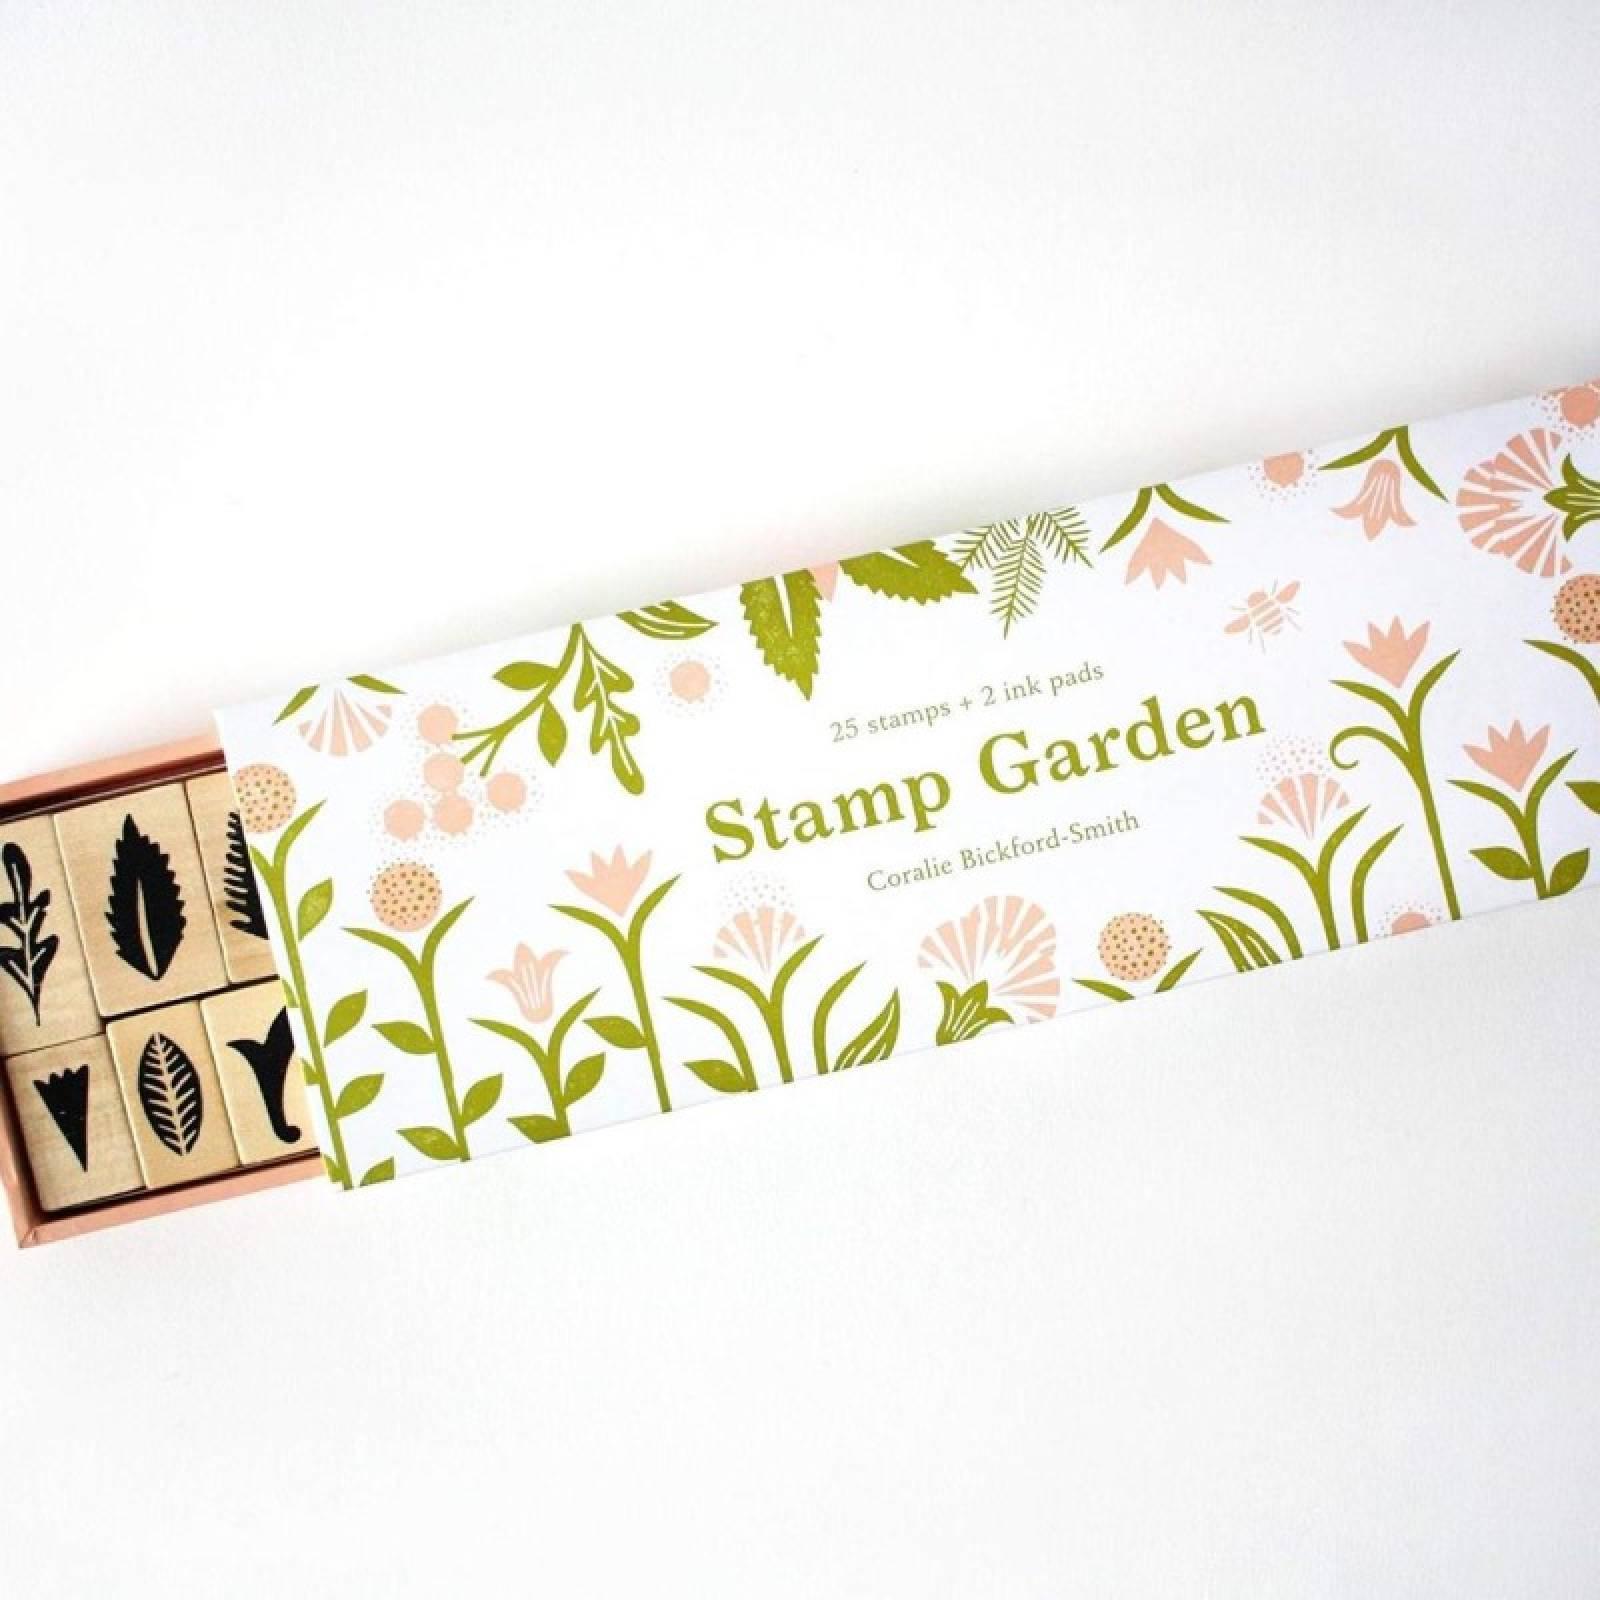 Stamp Garden - 25 Piece Wooden Stamp Set